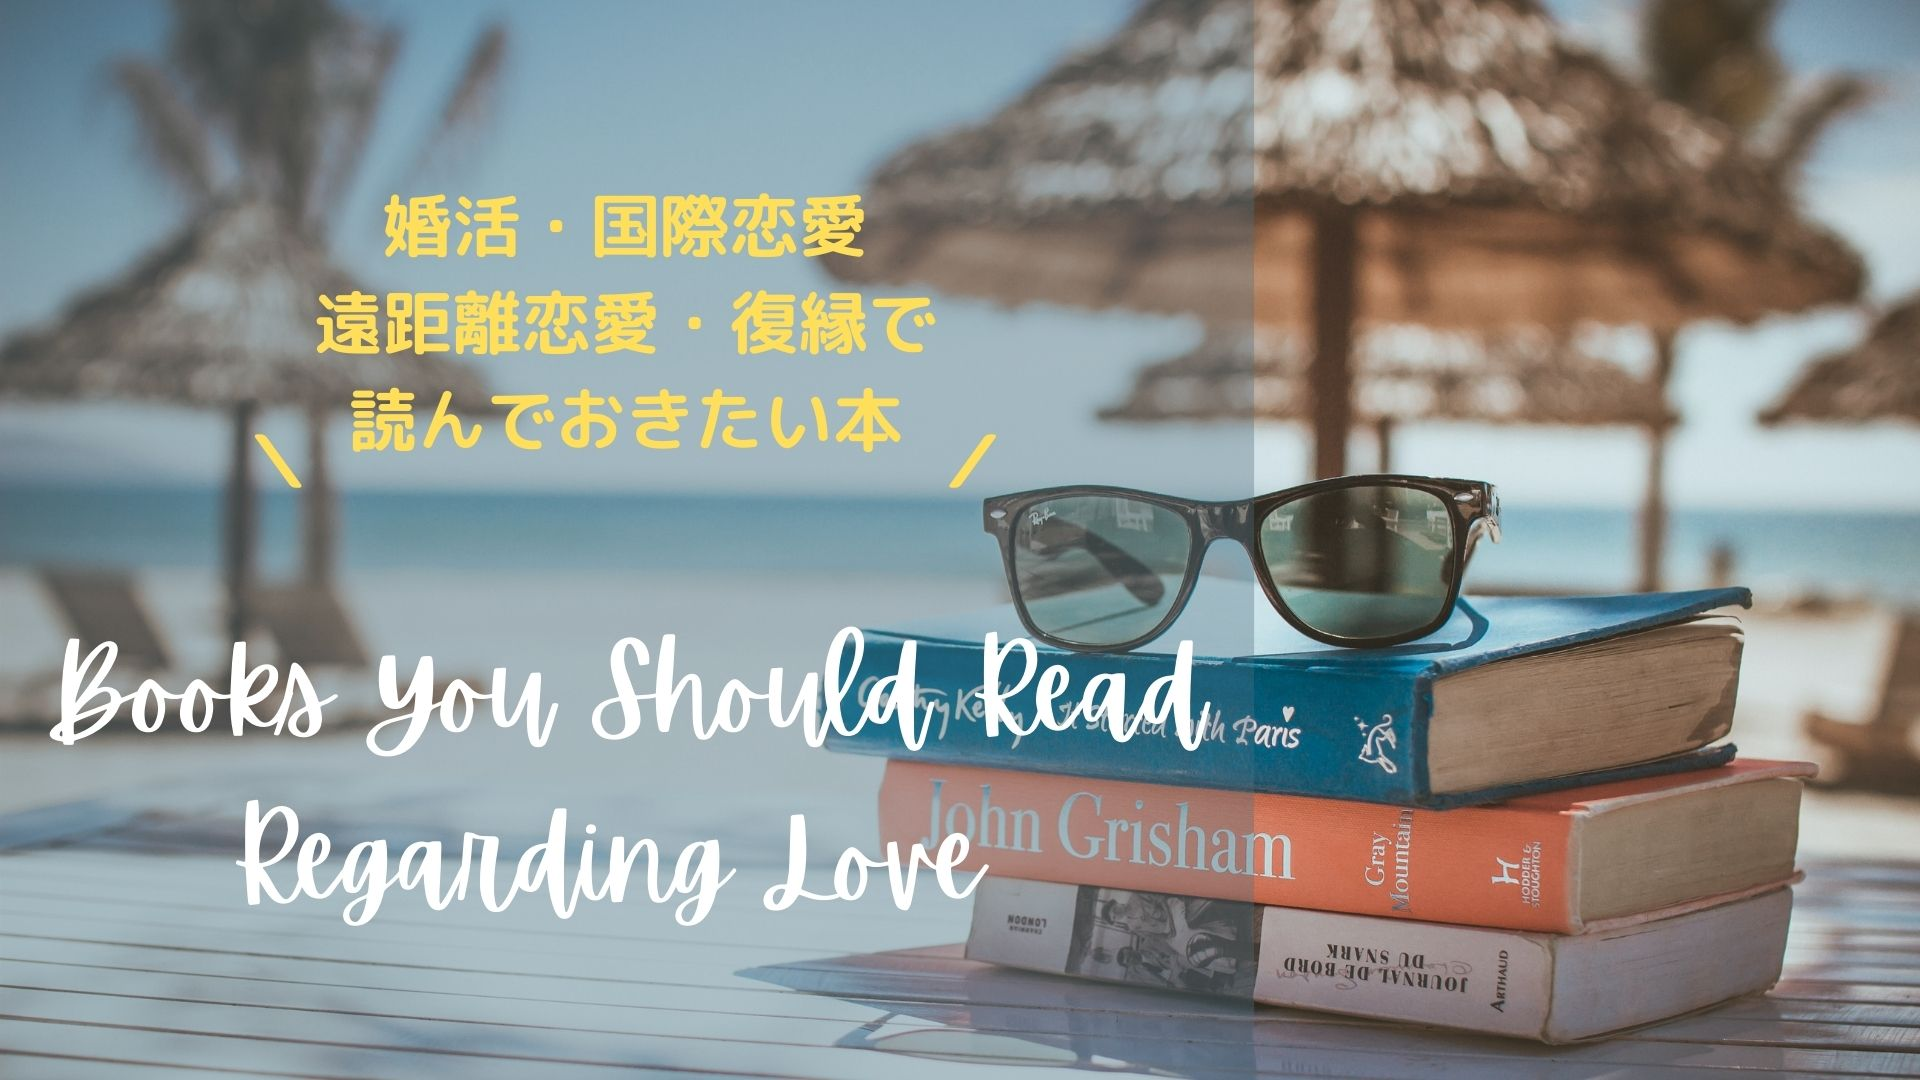 【恋愛本】婚活・国際恋愛・遠距離恋愛・復縁で読んでおきたい本 | ~ Que Sera Sera ~